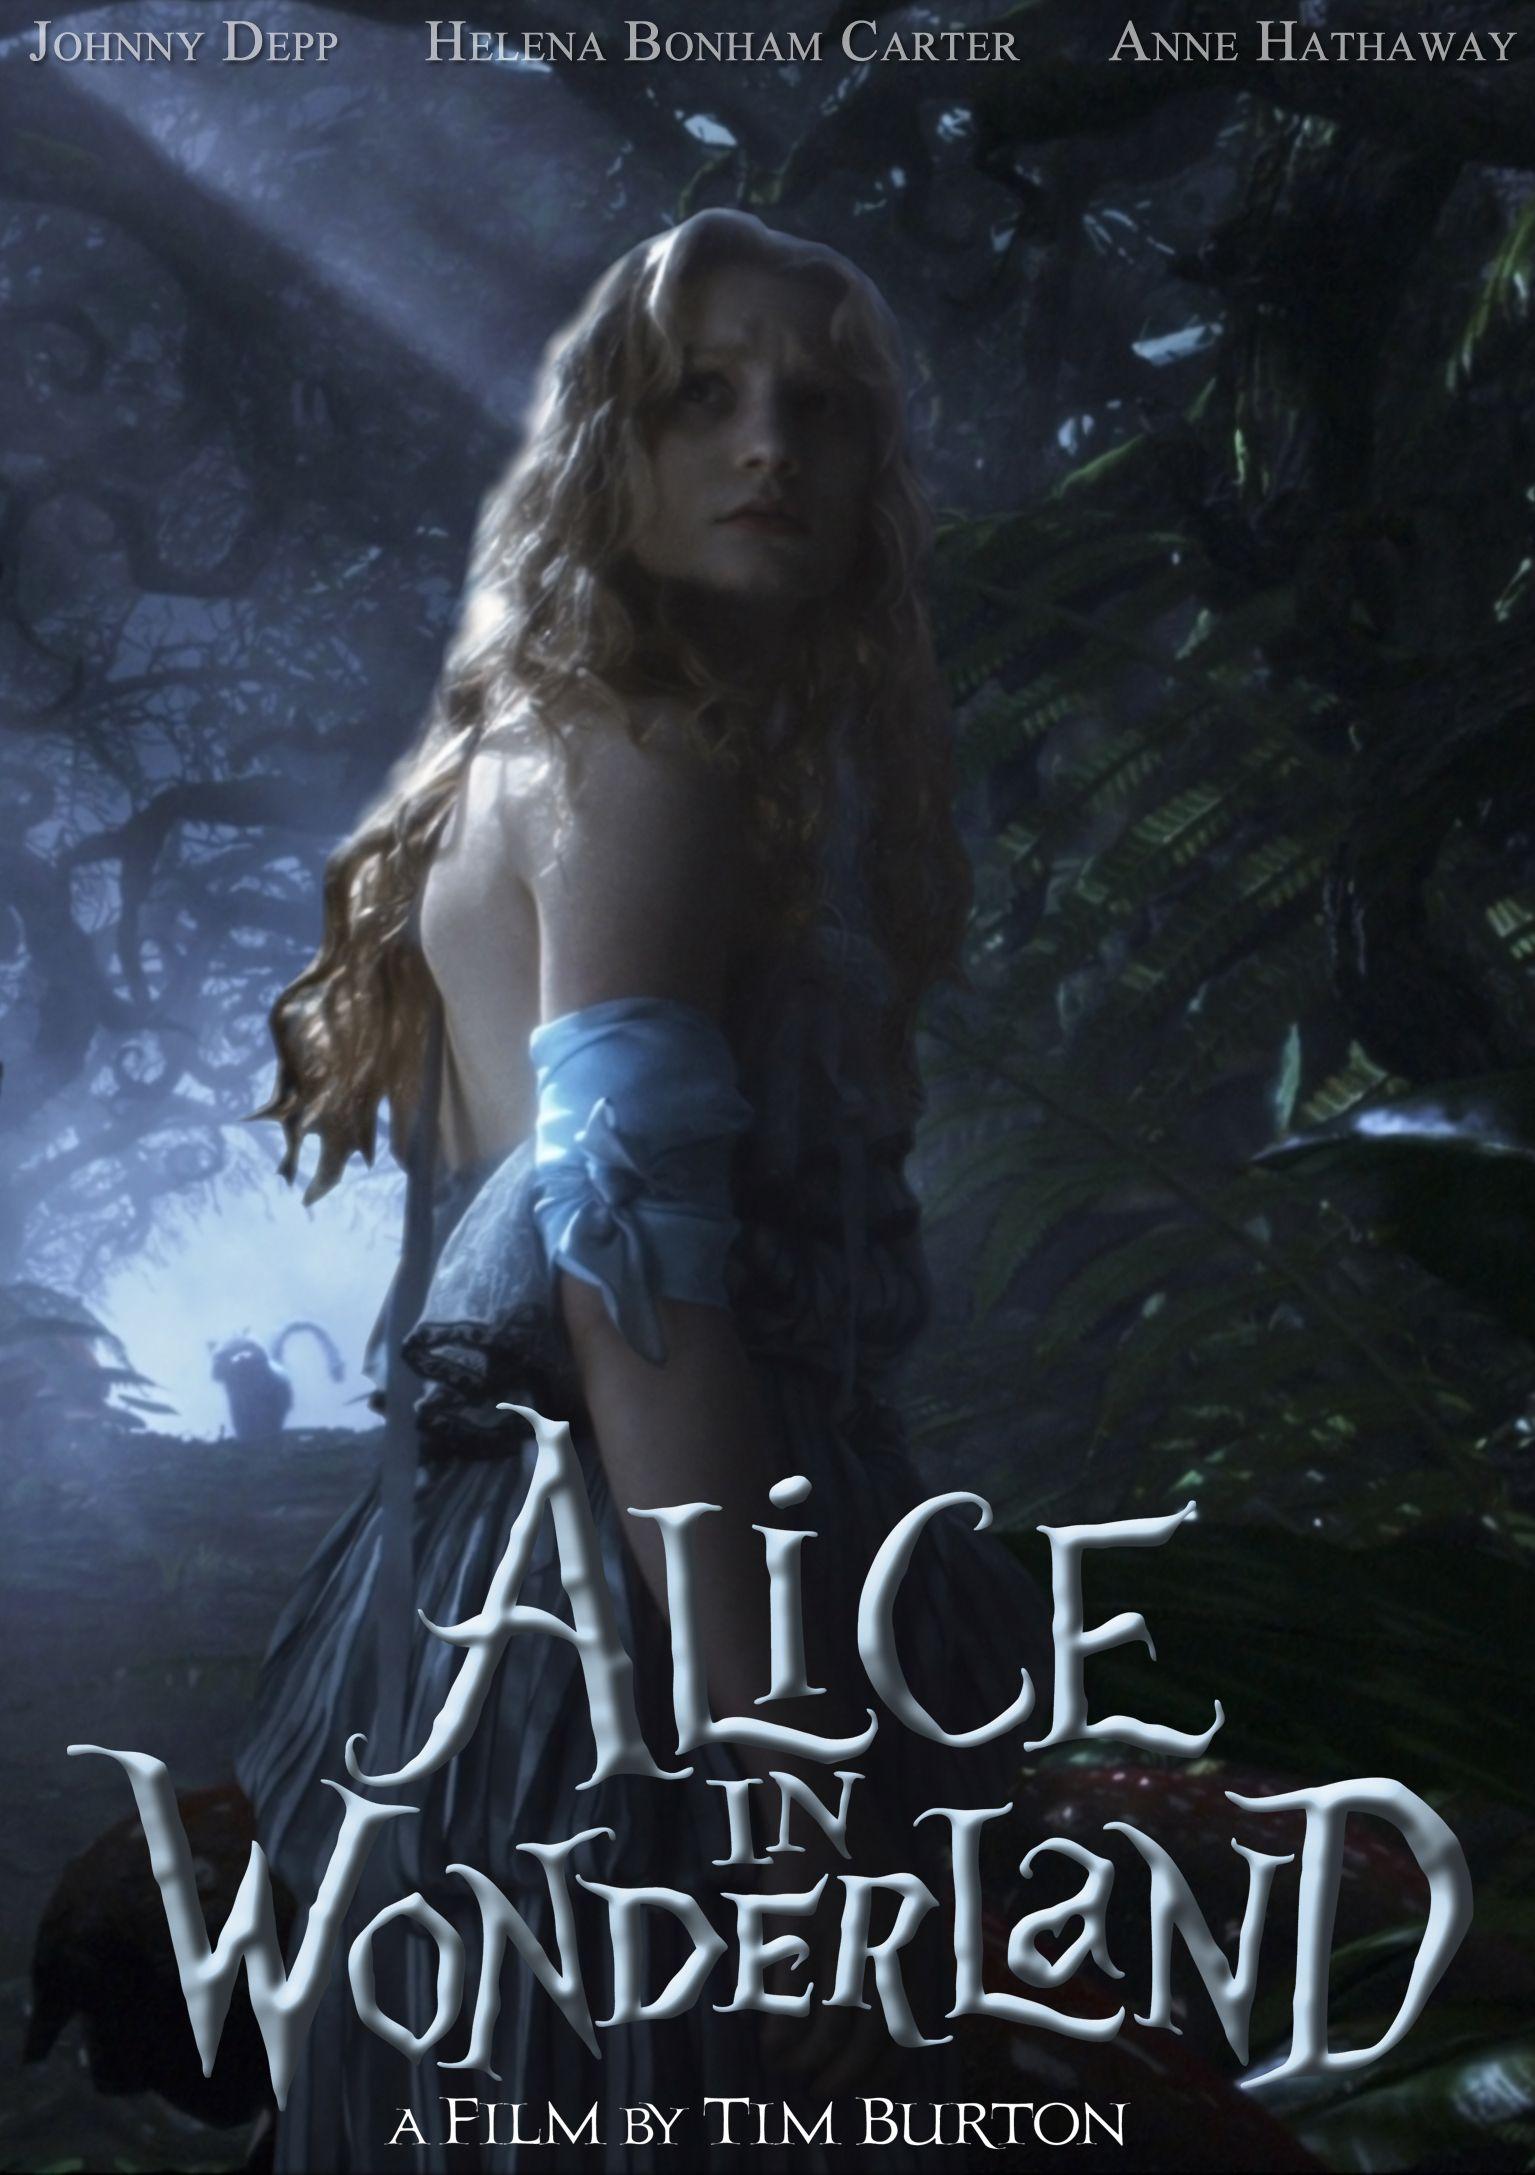 Movie Poster 3 Alice In Wonderland Poster Alice In Wonderland Fanart Alice In Wonderland